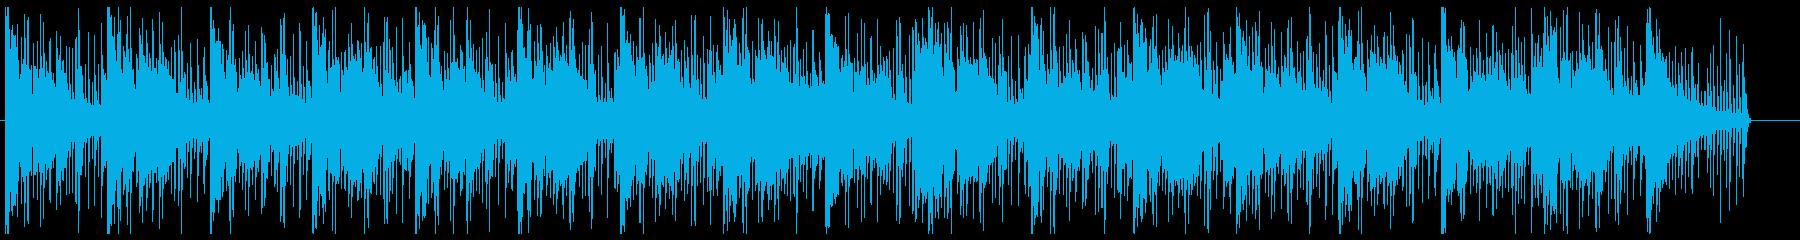 トラブル発生、緊張感を煽るBGMの再生済みの波形